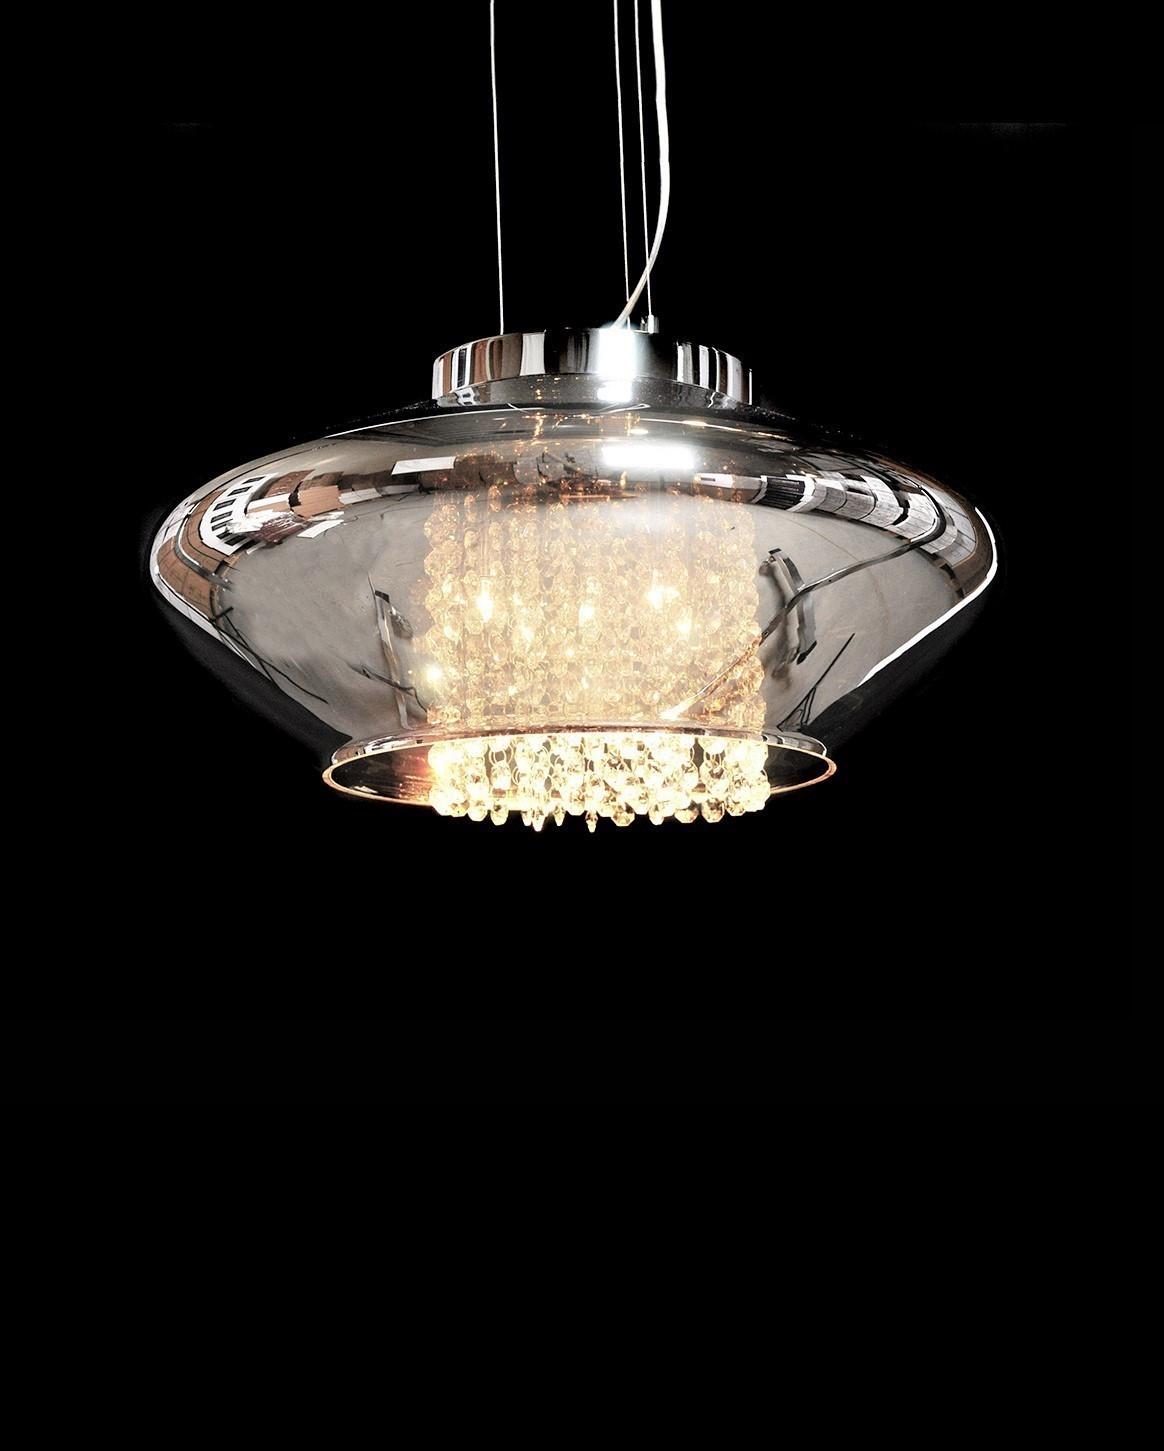 Подвесной светильник Lumina Deco Rivorre LDP 8056, 4xG4x20W, хром, дымчатый, прозрачный, металл, стекло, хрусталь - фото 2